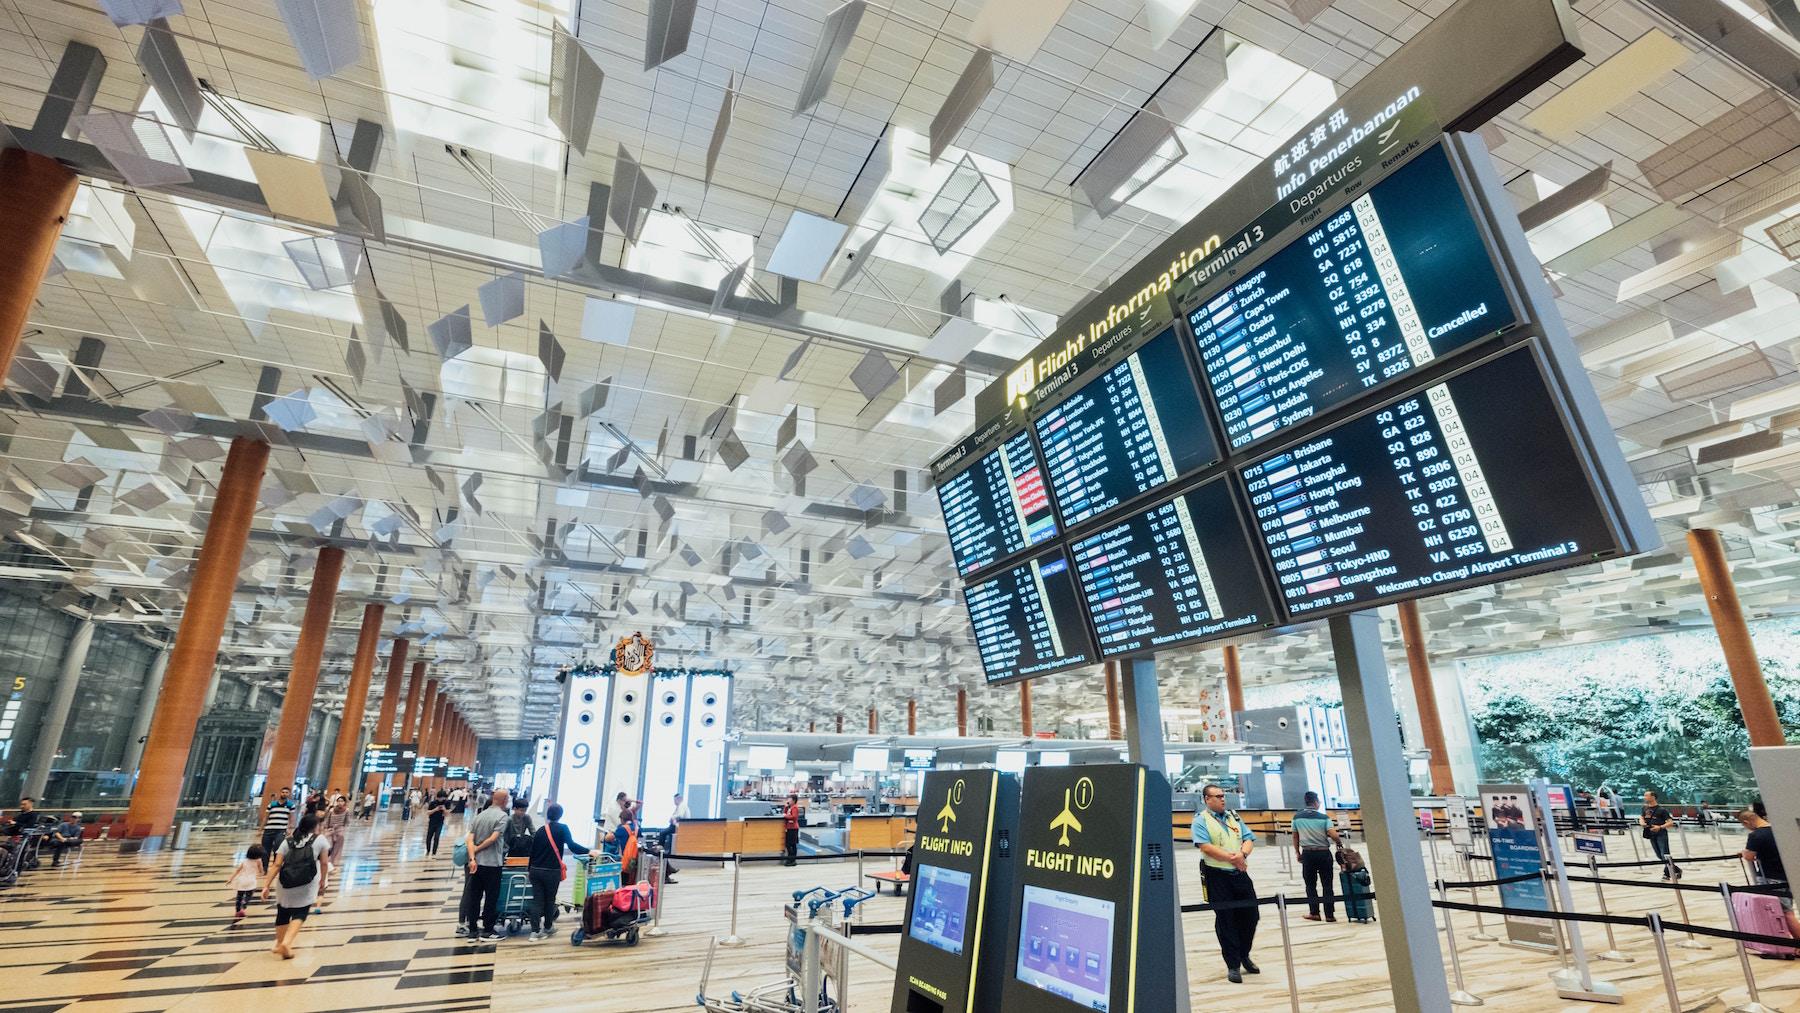 ケアンズ国際空港を利用しよう!免税店やWi-Fi・市内へのアクセスも調査!